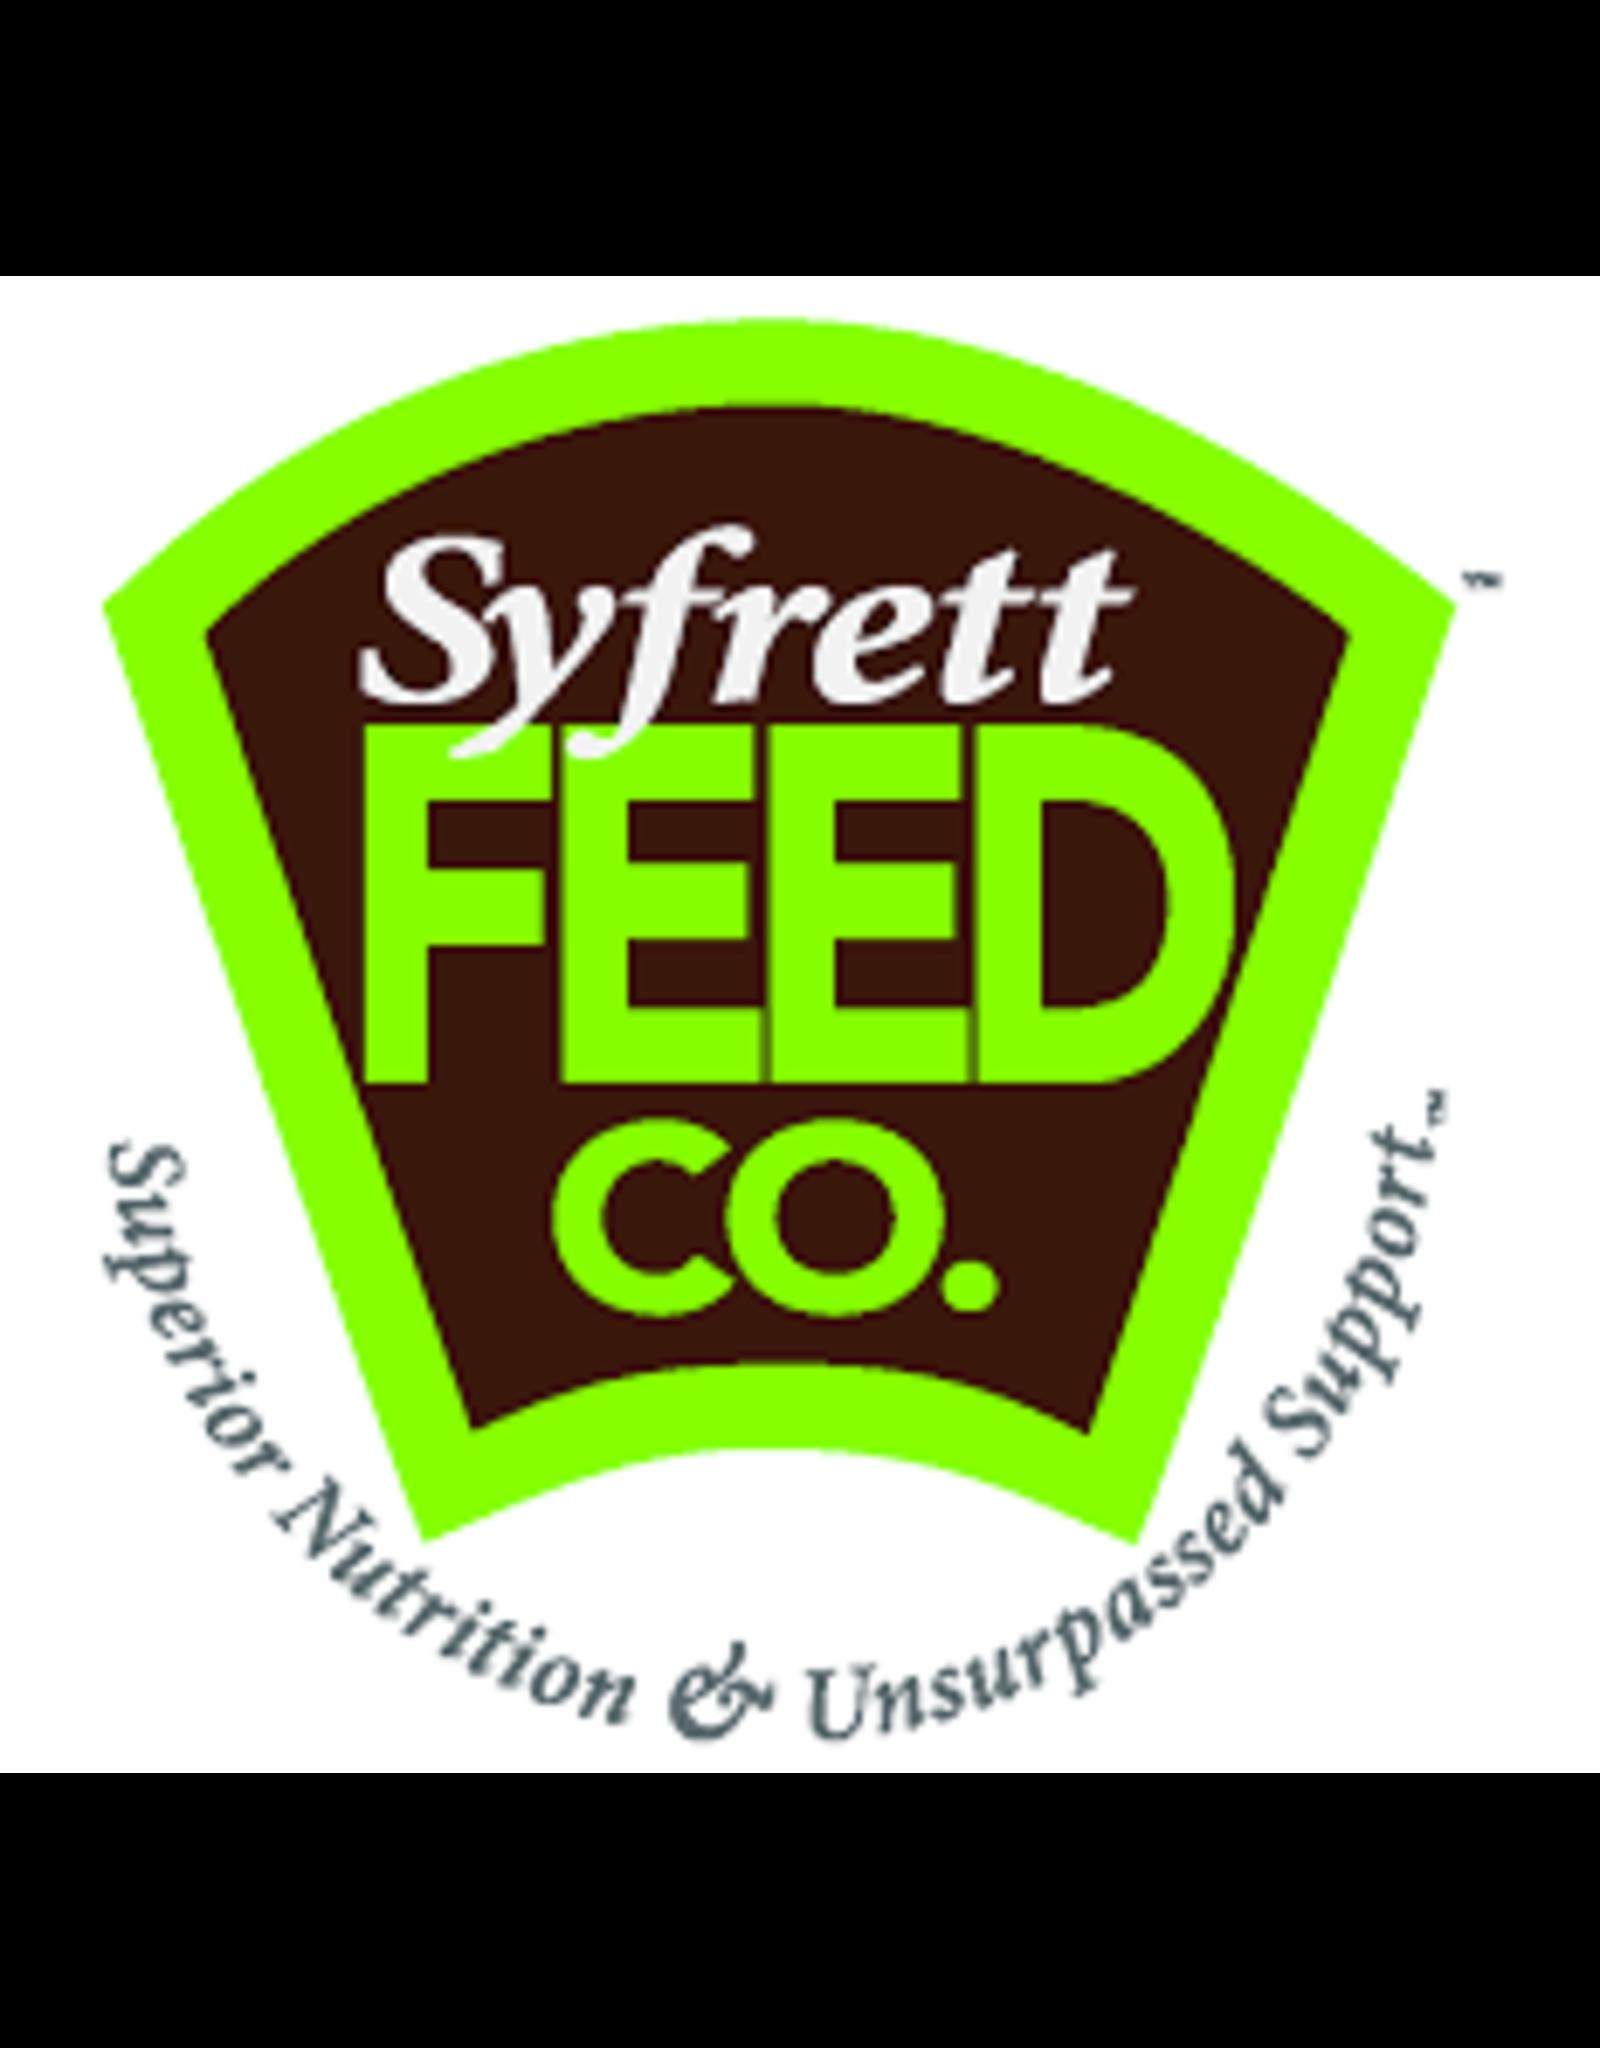 Syfrett Feed 4-3000 Syfrett Sheep & Goat Feed